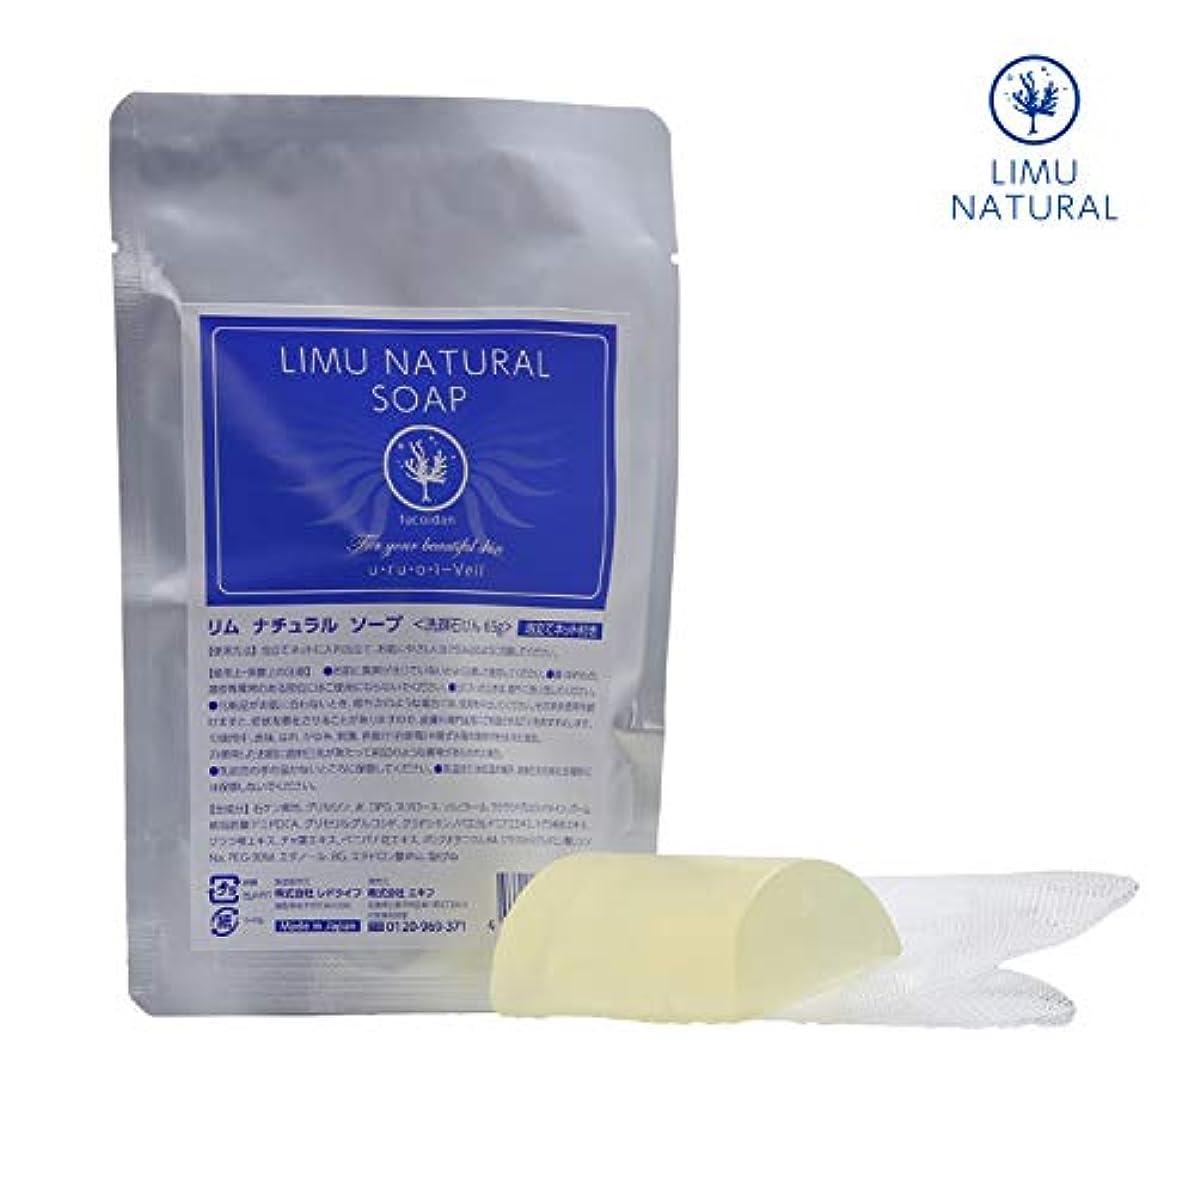 証言する掃く息子リムナチュラルソープ LIMU NATURAL SOAP ヌルあわ洗顔石けん 泡だてネット付き「美白&保湿」「フコイダン」+「グリセリルグルコシド」天然植物成分を贅沢に配合 W効果 日本製